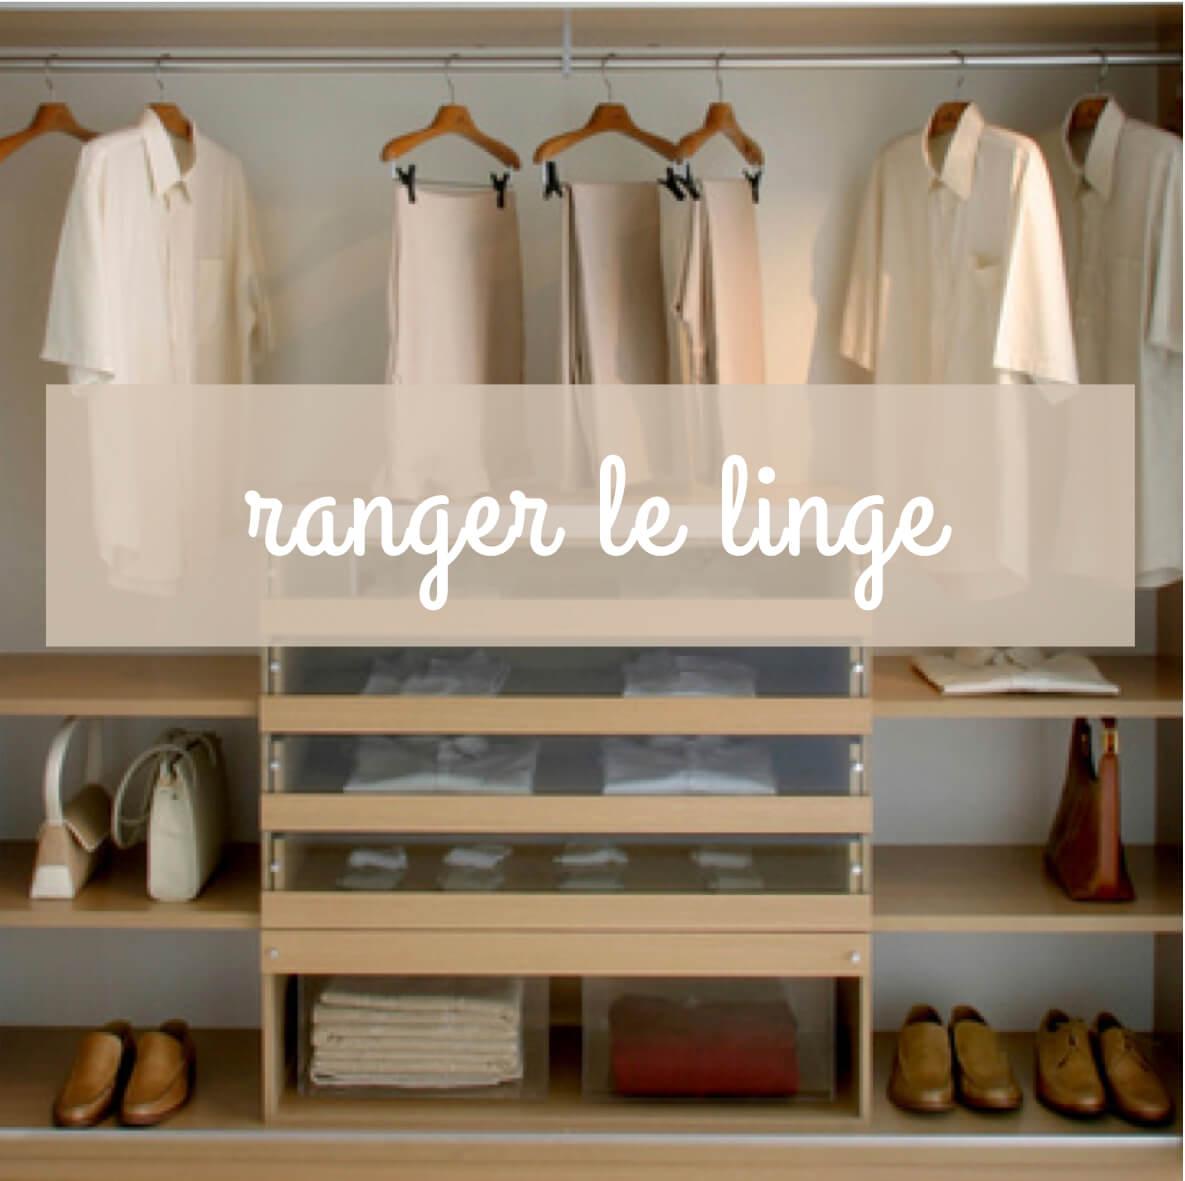 Rangement dressing, armoire et placard : cintres, housses, valets... tout pour ranger votre dressing